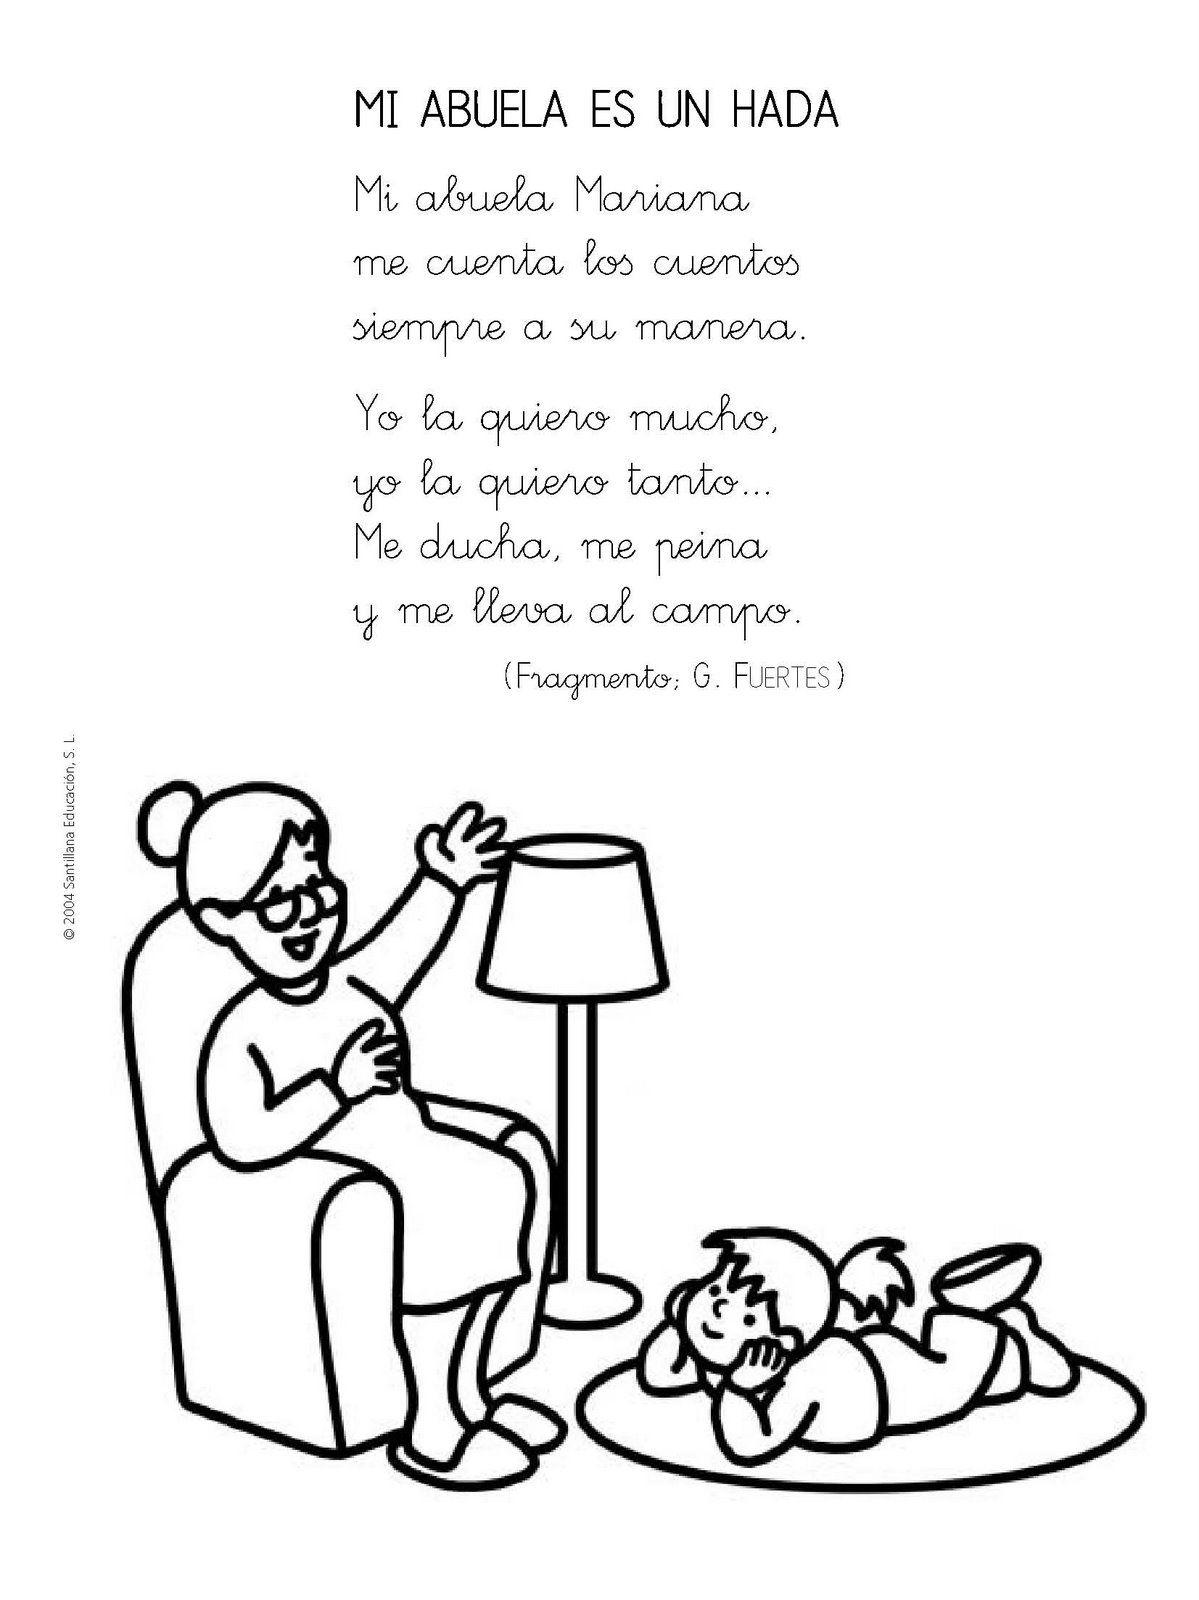 Poemas Canciones Para El Dia De La Madre Para Niños Poesias Sobre La Familia Con Imagenes Letras De Canciones